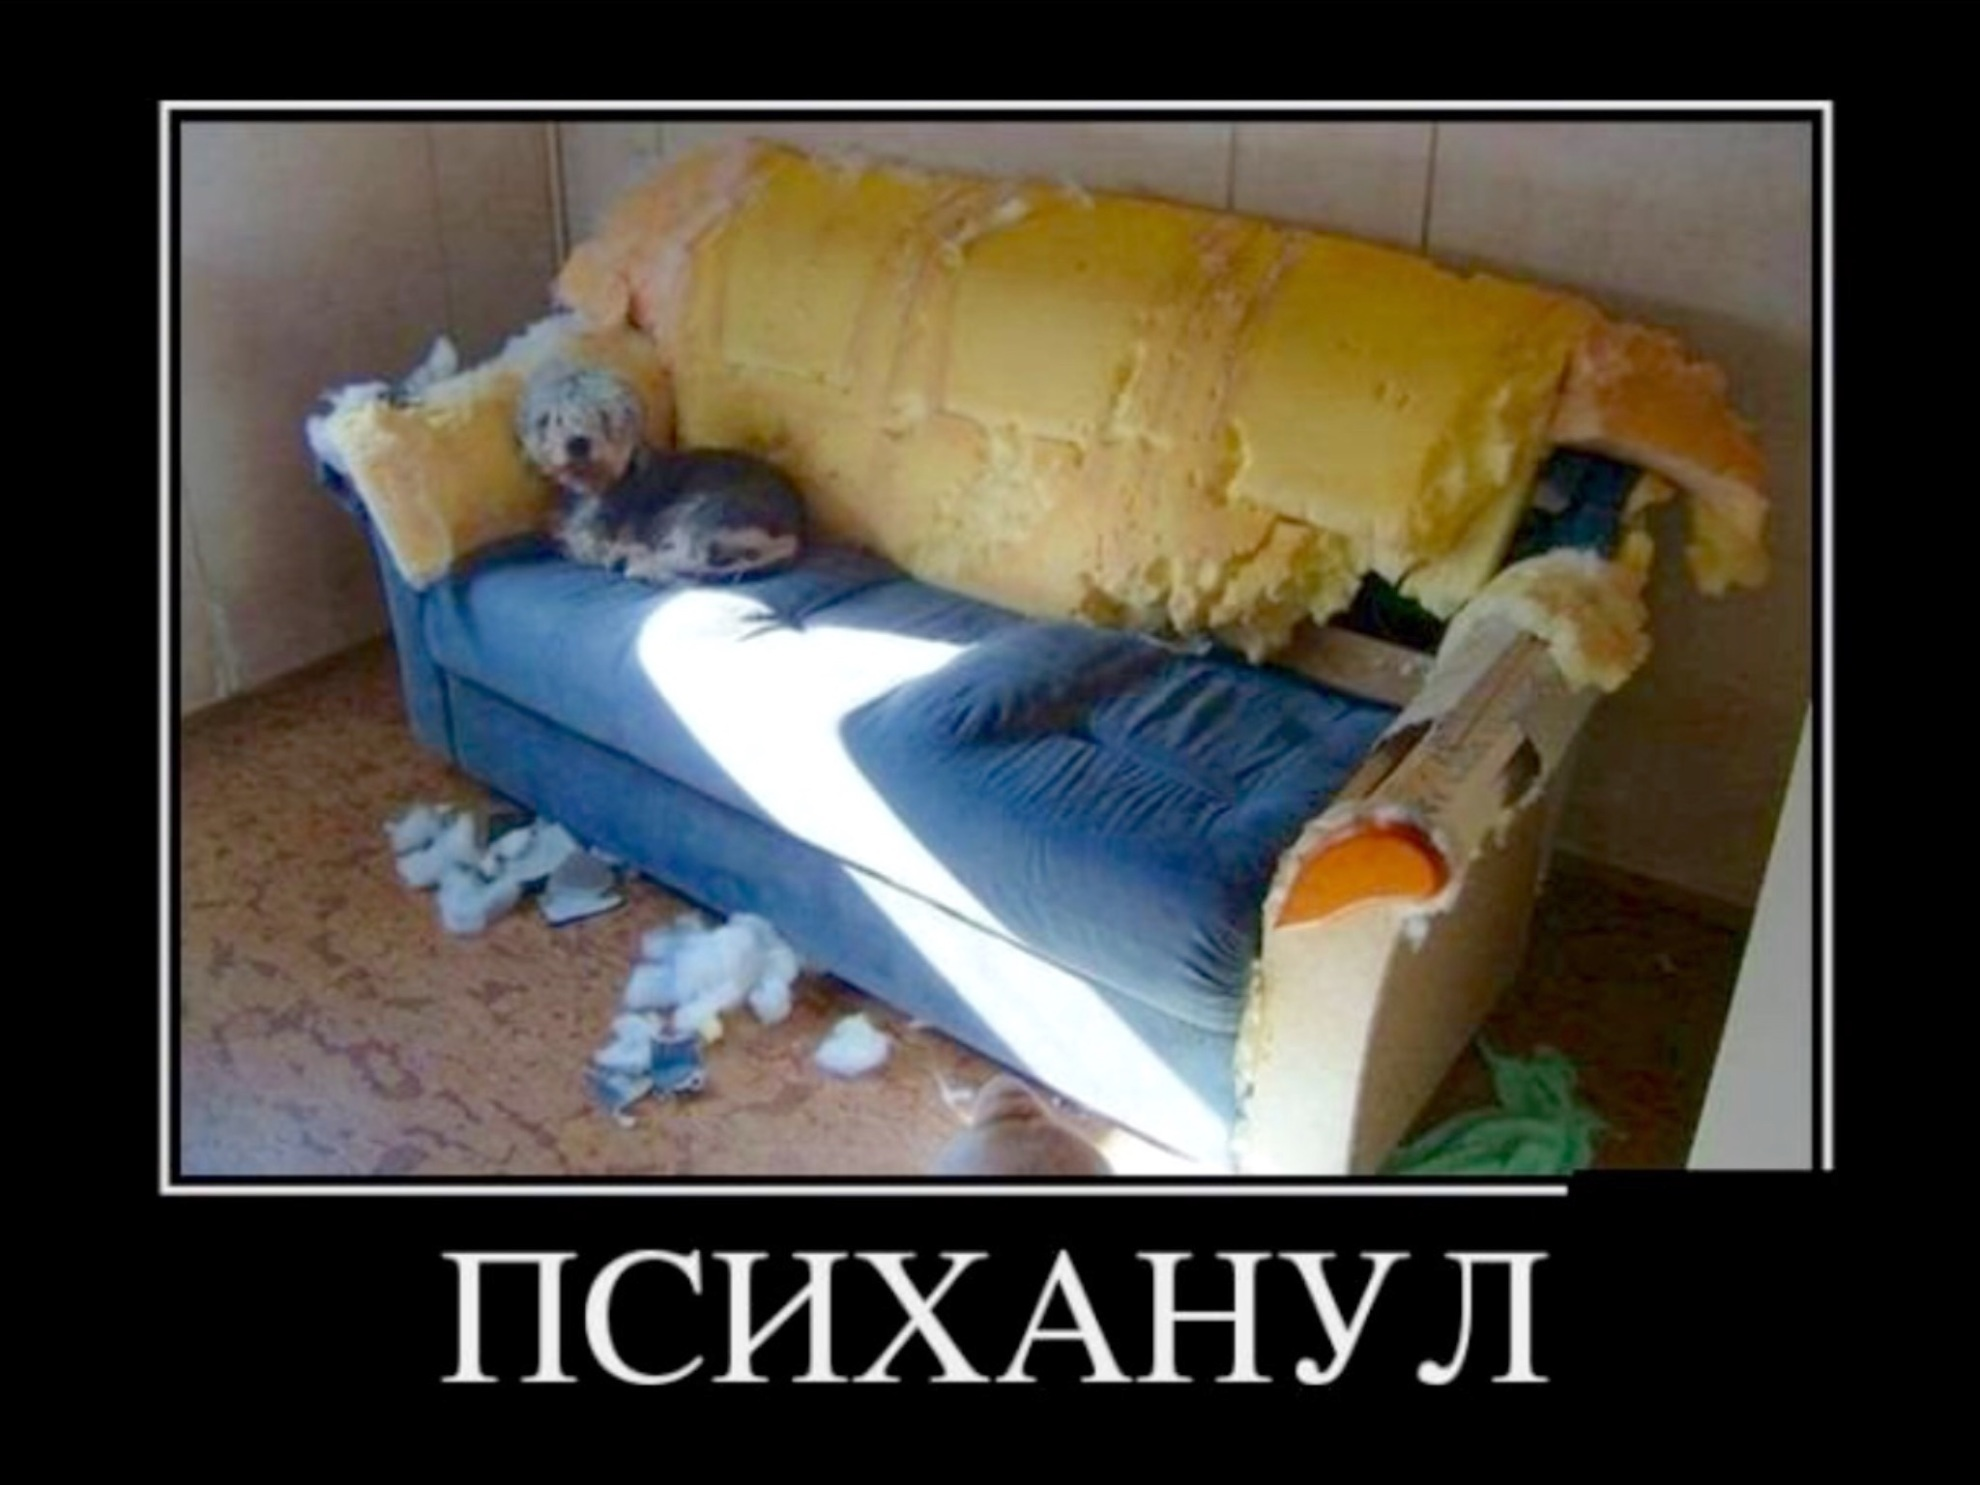 """Прикольные картинки пятницы """" ucrazy.ru - источник хорошего ."""